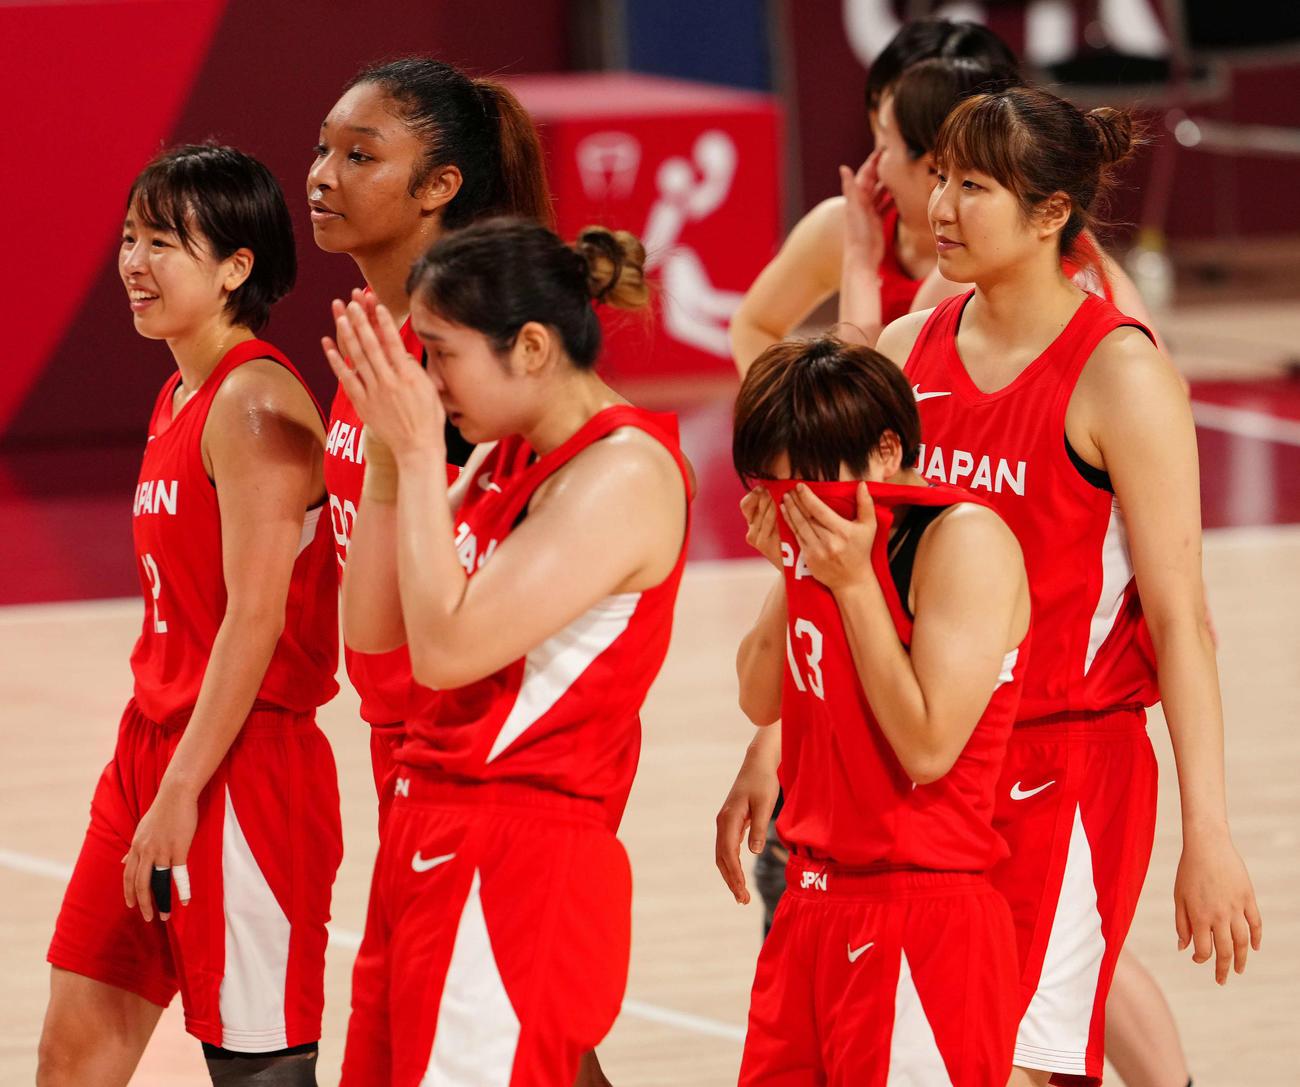 日本対米国 試合後、涙をぬぐう町田(左から4人目)(撮影・江口和貴)